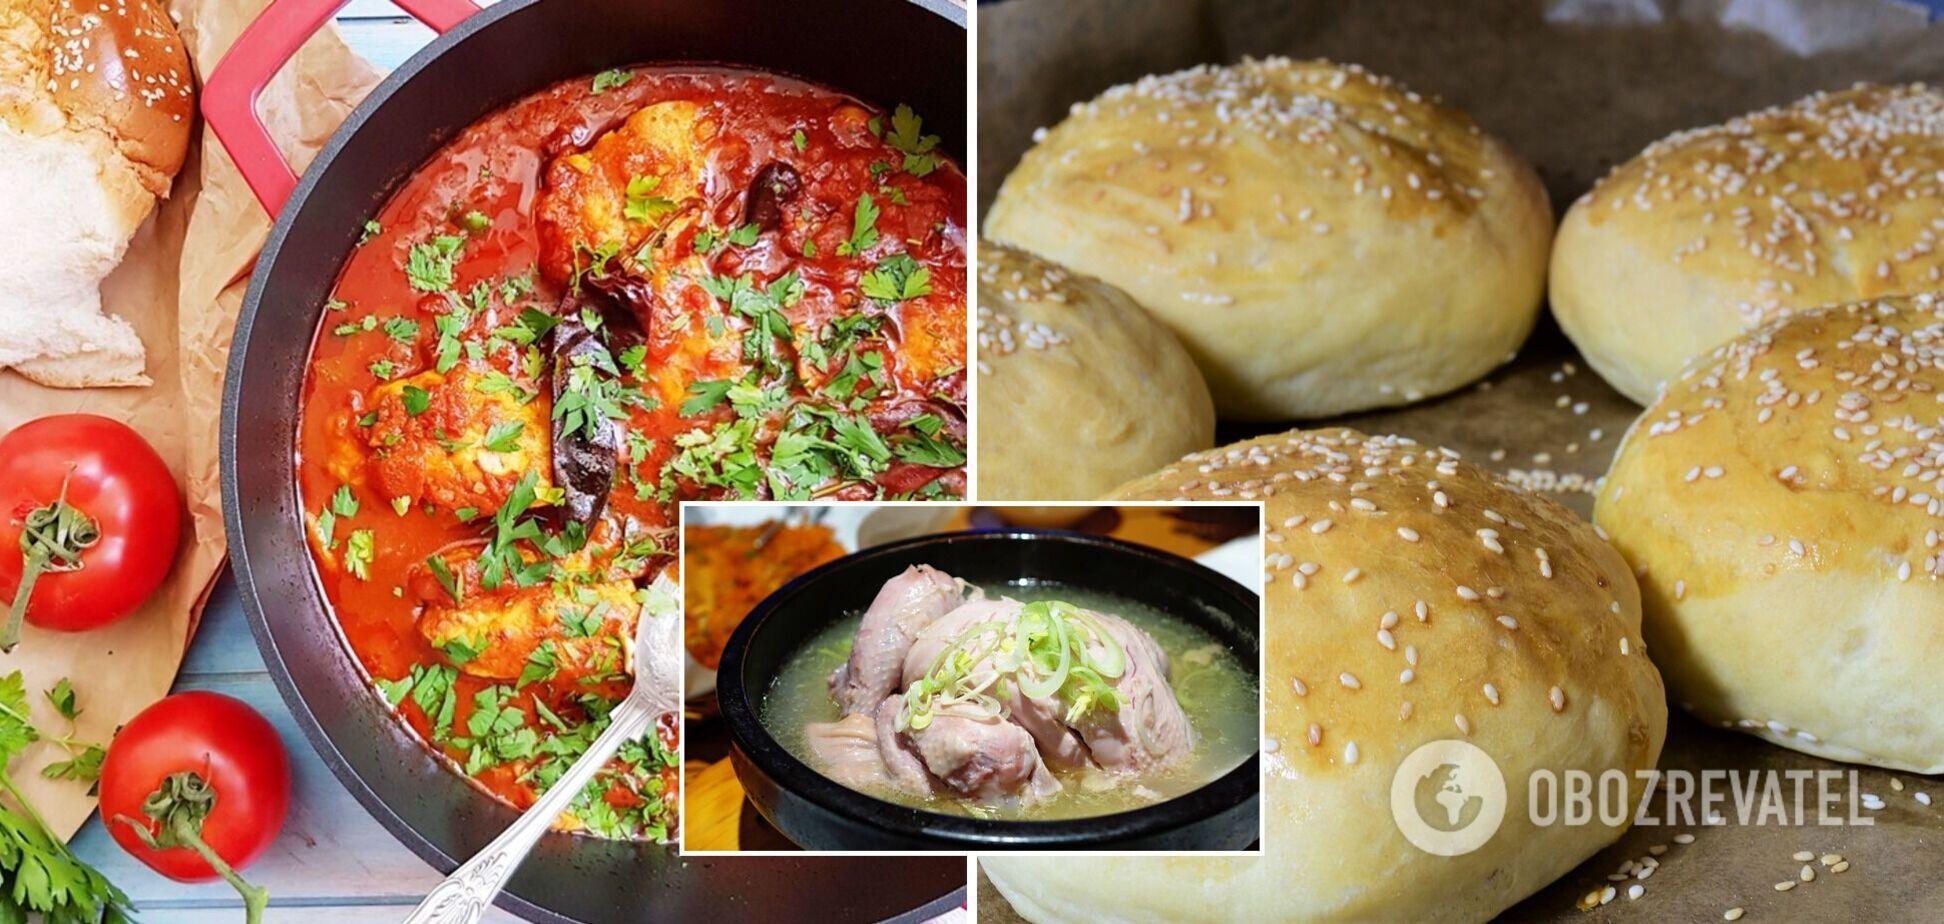 Традиційні страви на єврейський Новий рік